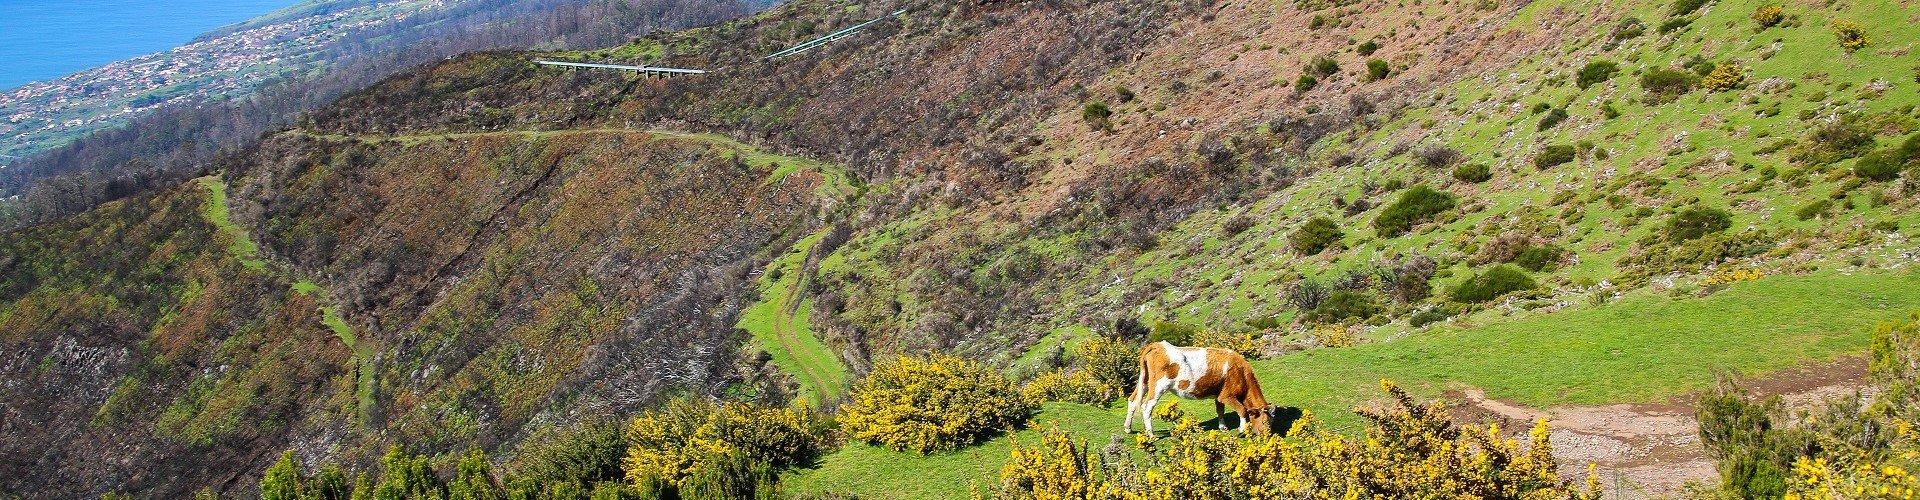 Ausflugsziel Hochmoor Paul da Serra